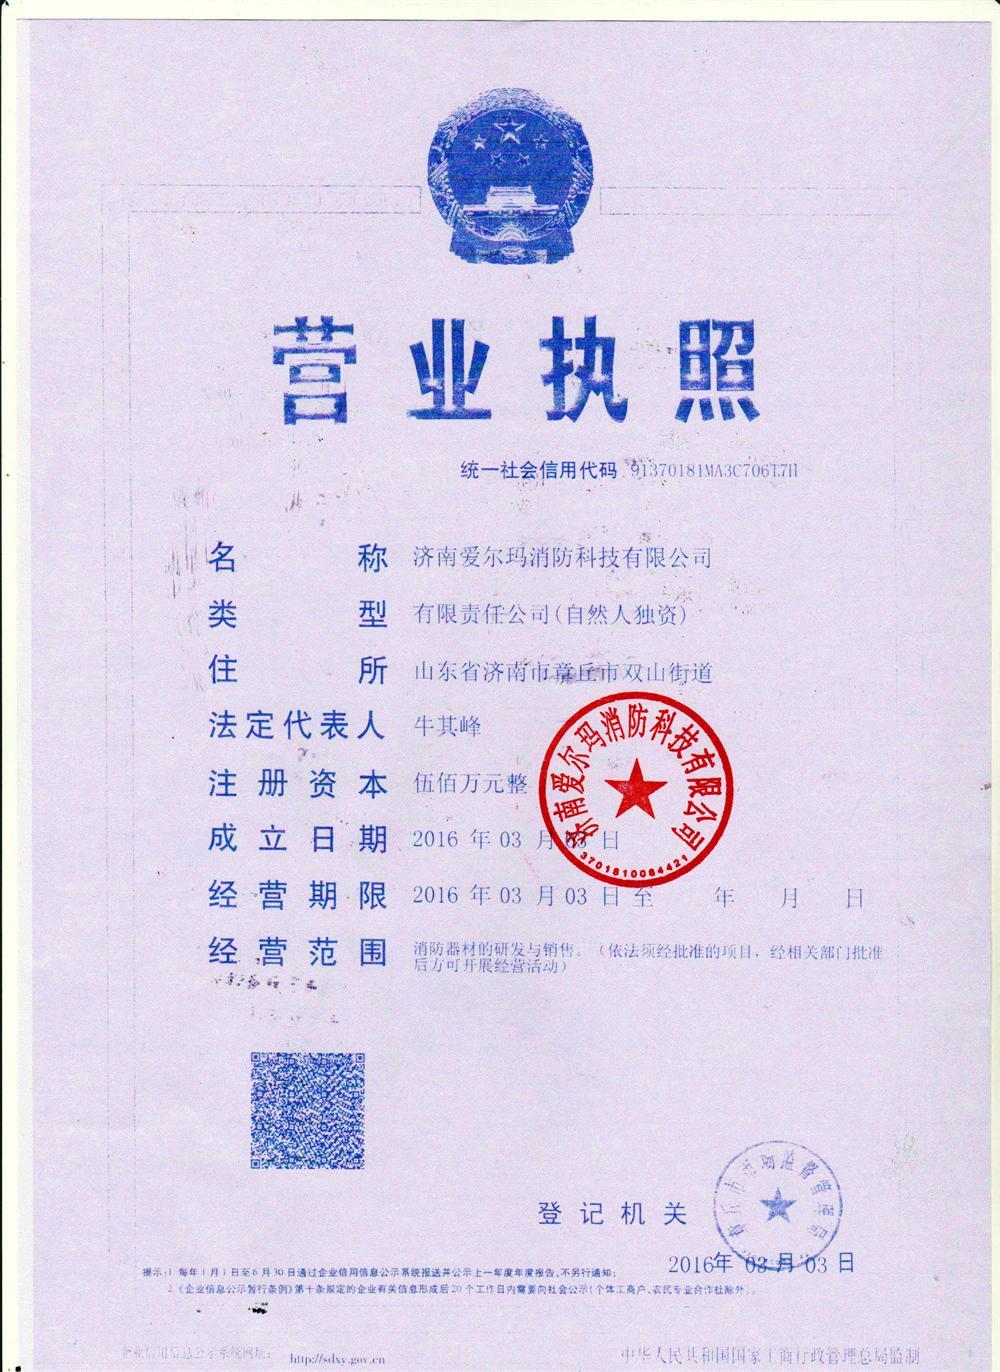 濟南愛爾瑪消防科技有限公司